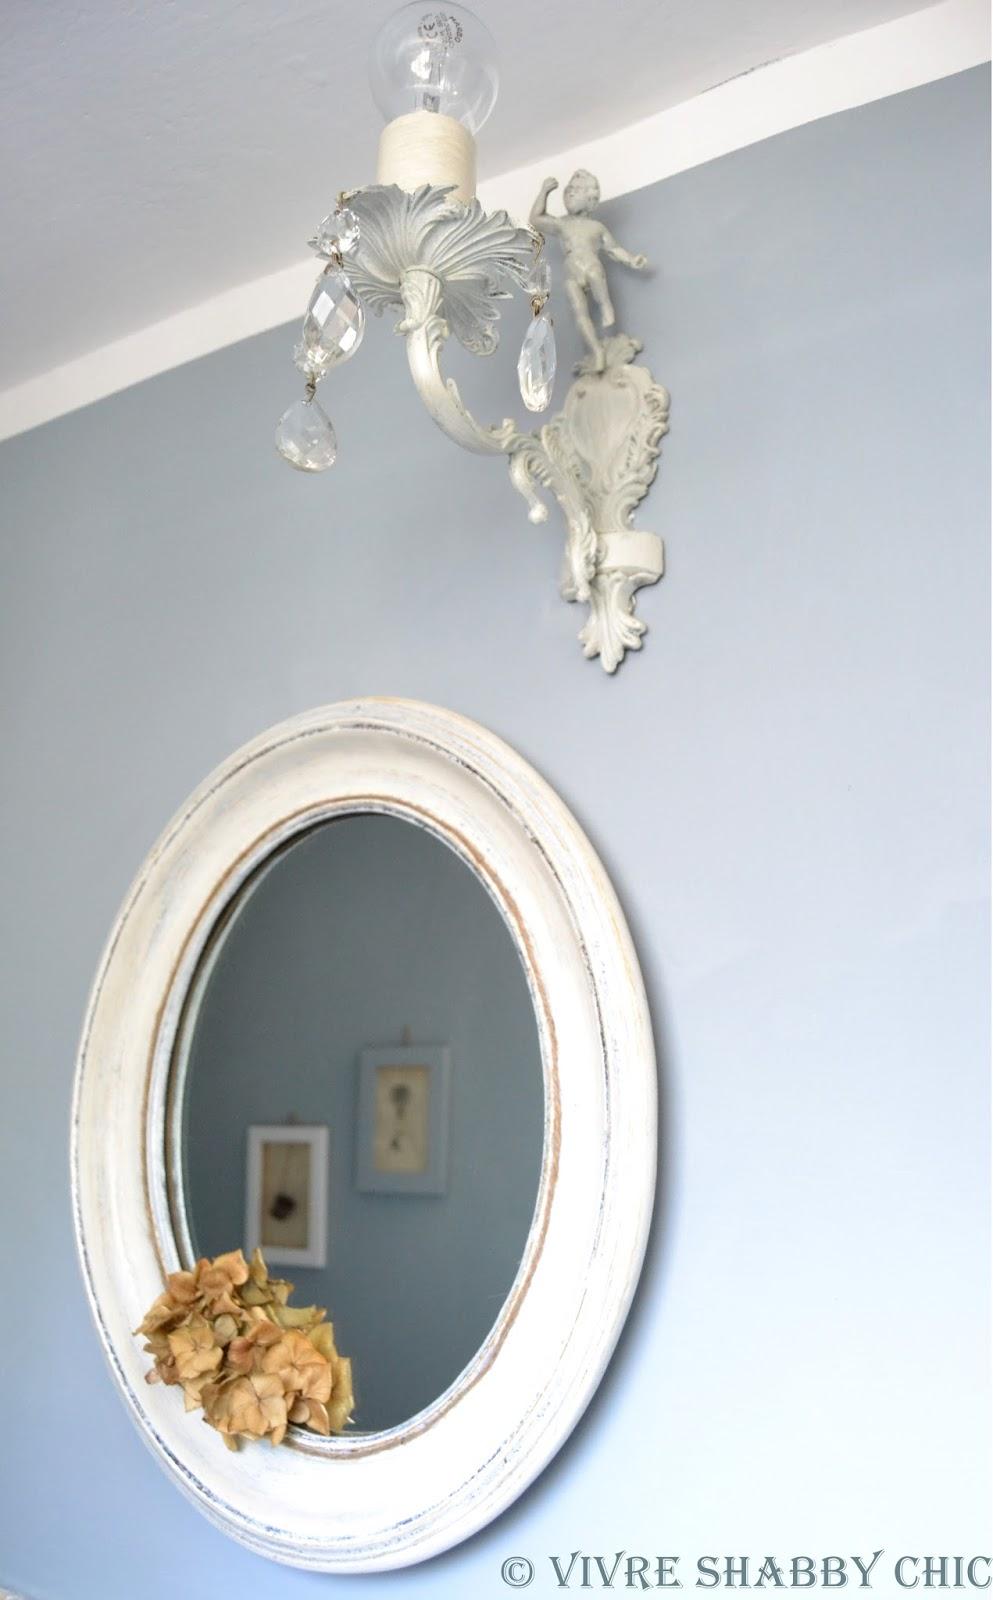 Vivre shabby chic un restyling facile e veloce per il bagno - Applique moderne per bagno ...